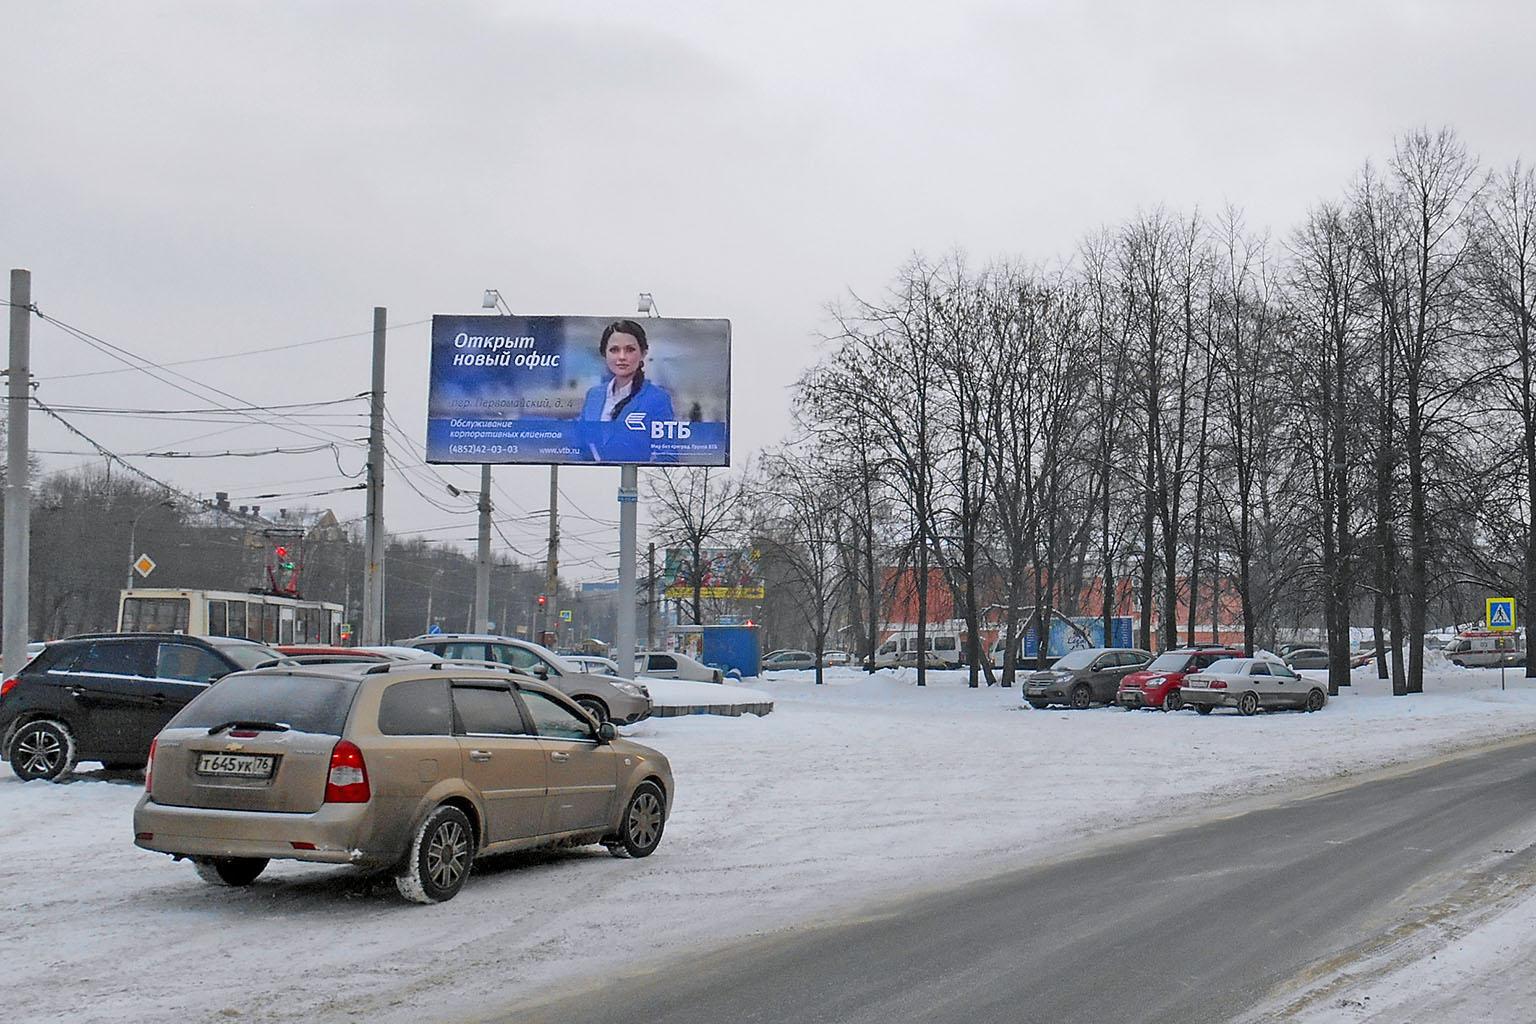 Открытие офиса «ВТБ» в г. Ярославле - билборд пр-т Октября, у входа в Юбилейный парк